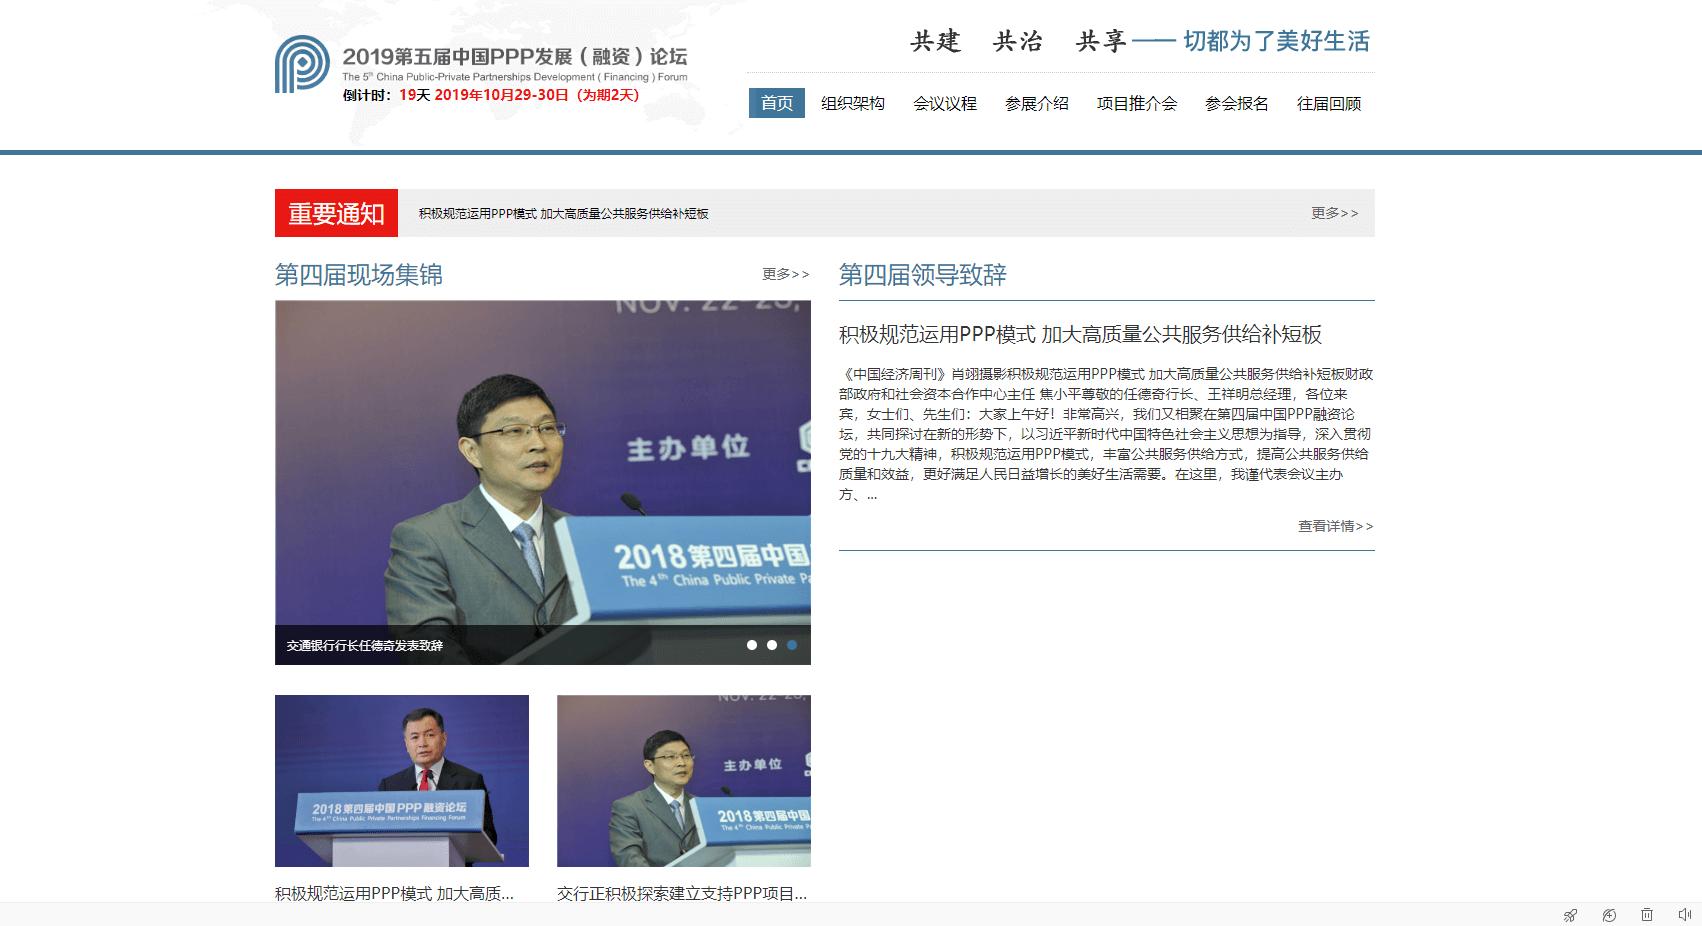 中国PPP发展(融资)论坛